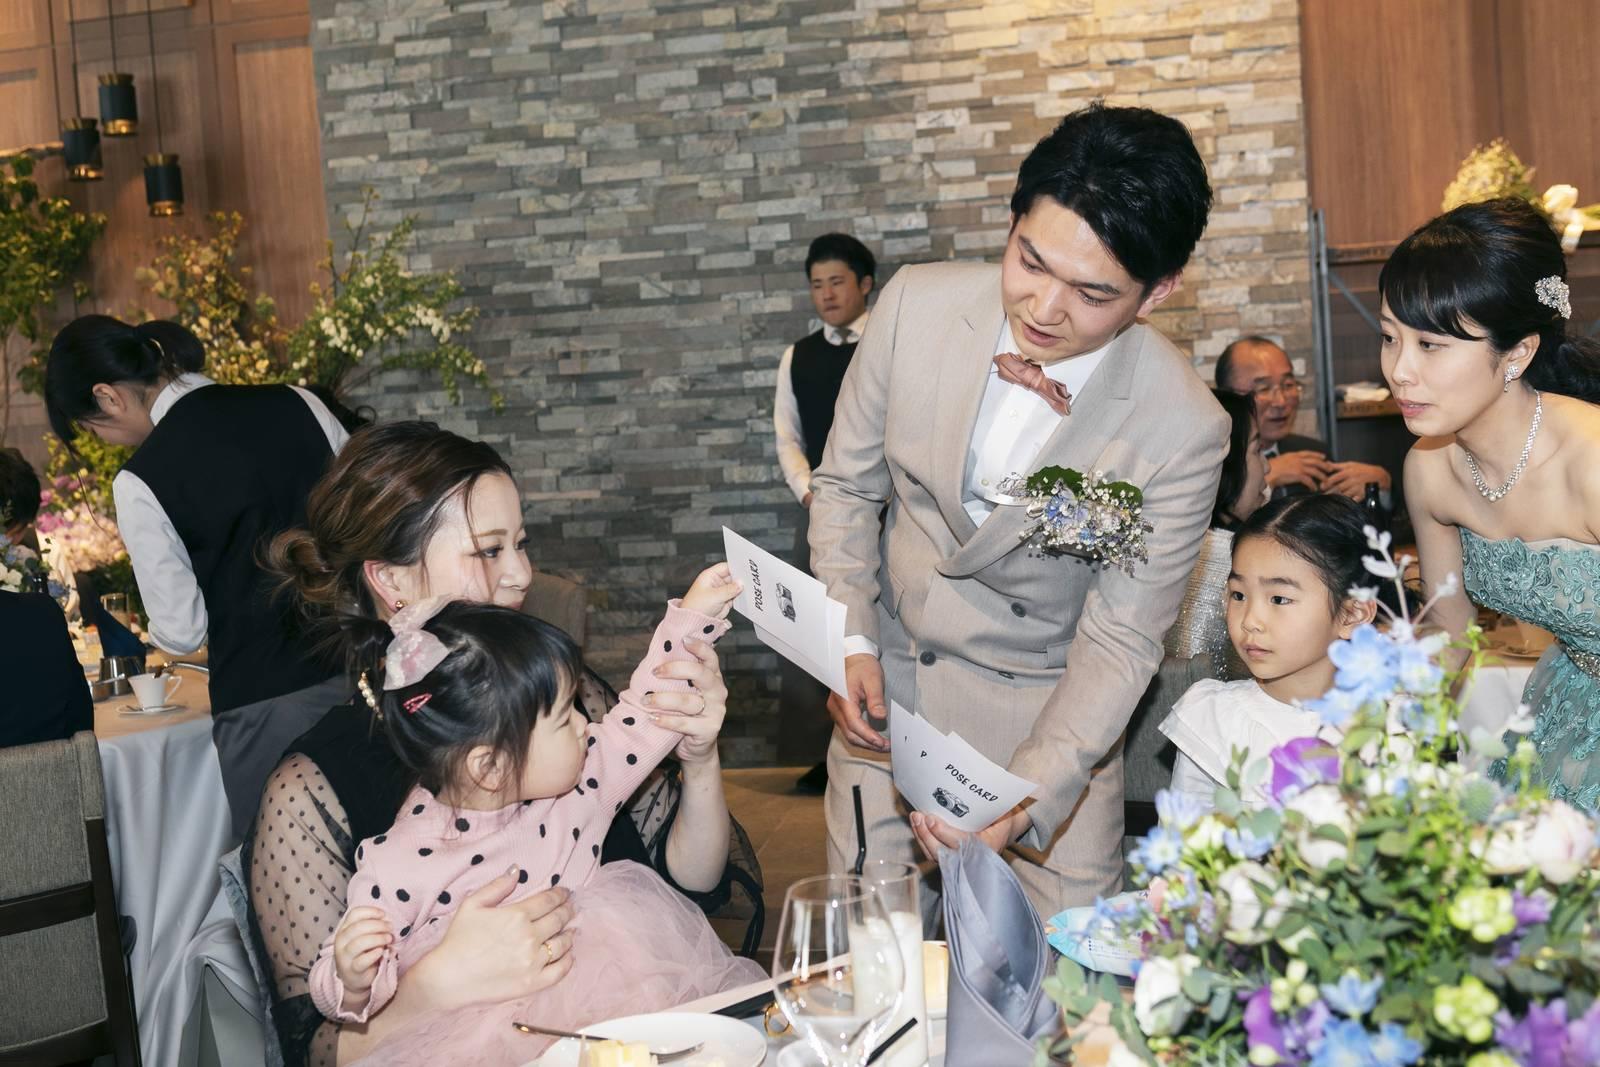 高松市の結婚式場アナザースタイルの披露宴会場でフォトタイム